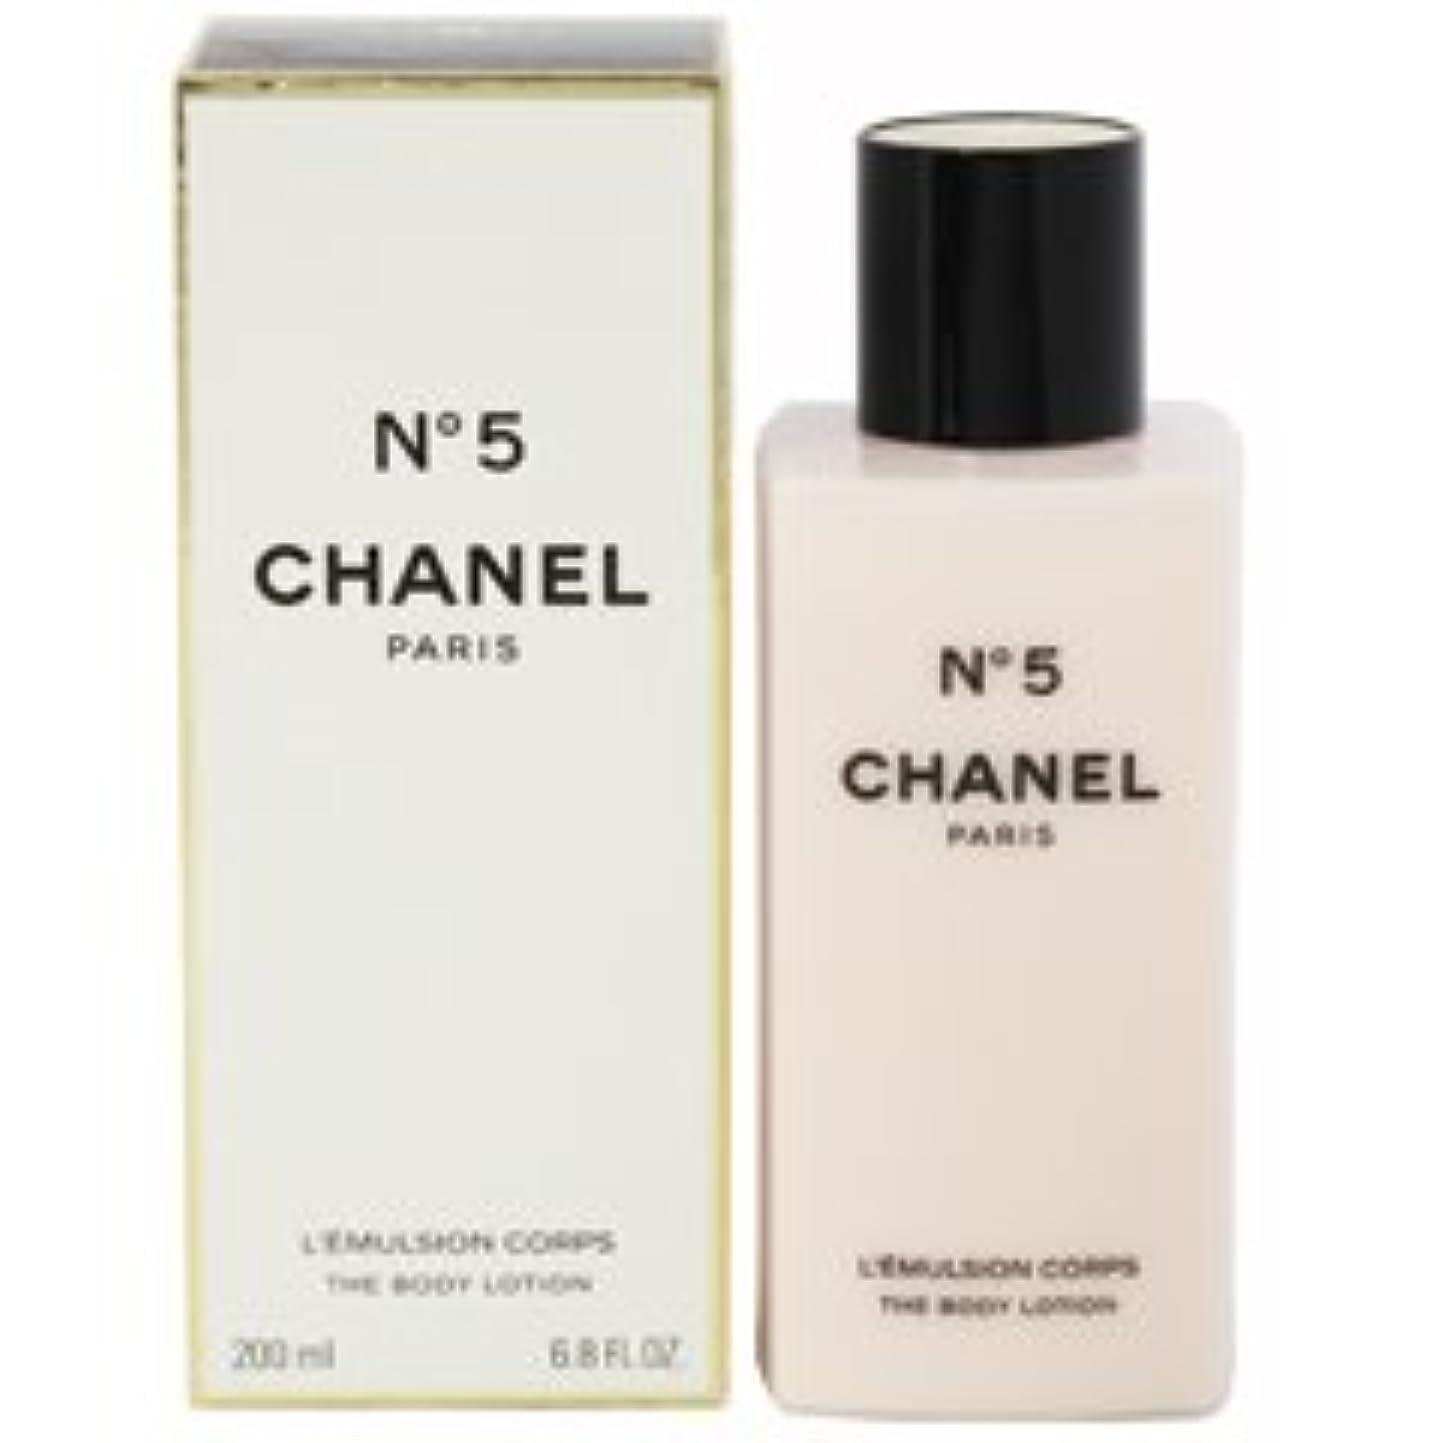 委託一回苦Chanel No. 5 (シャネル No. 5 ) 6.8 oz (200ml) Body Lotion for Women